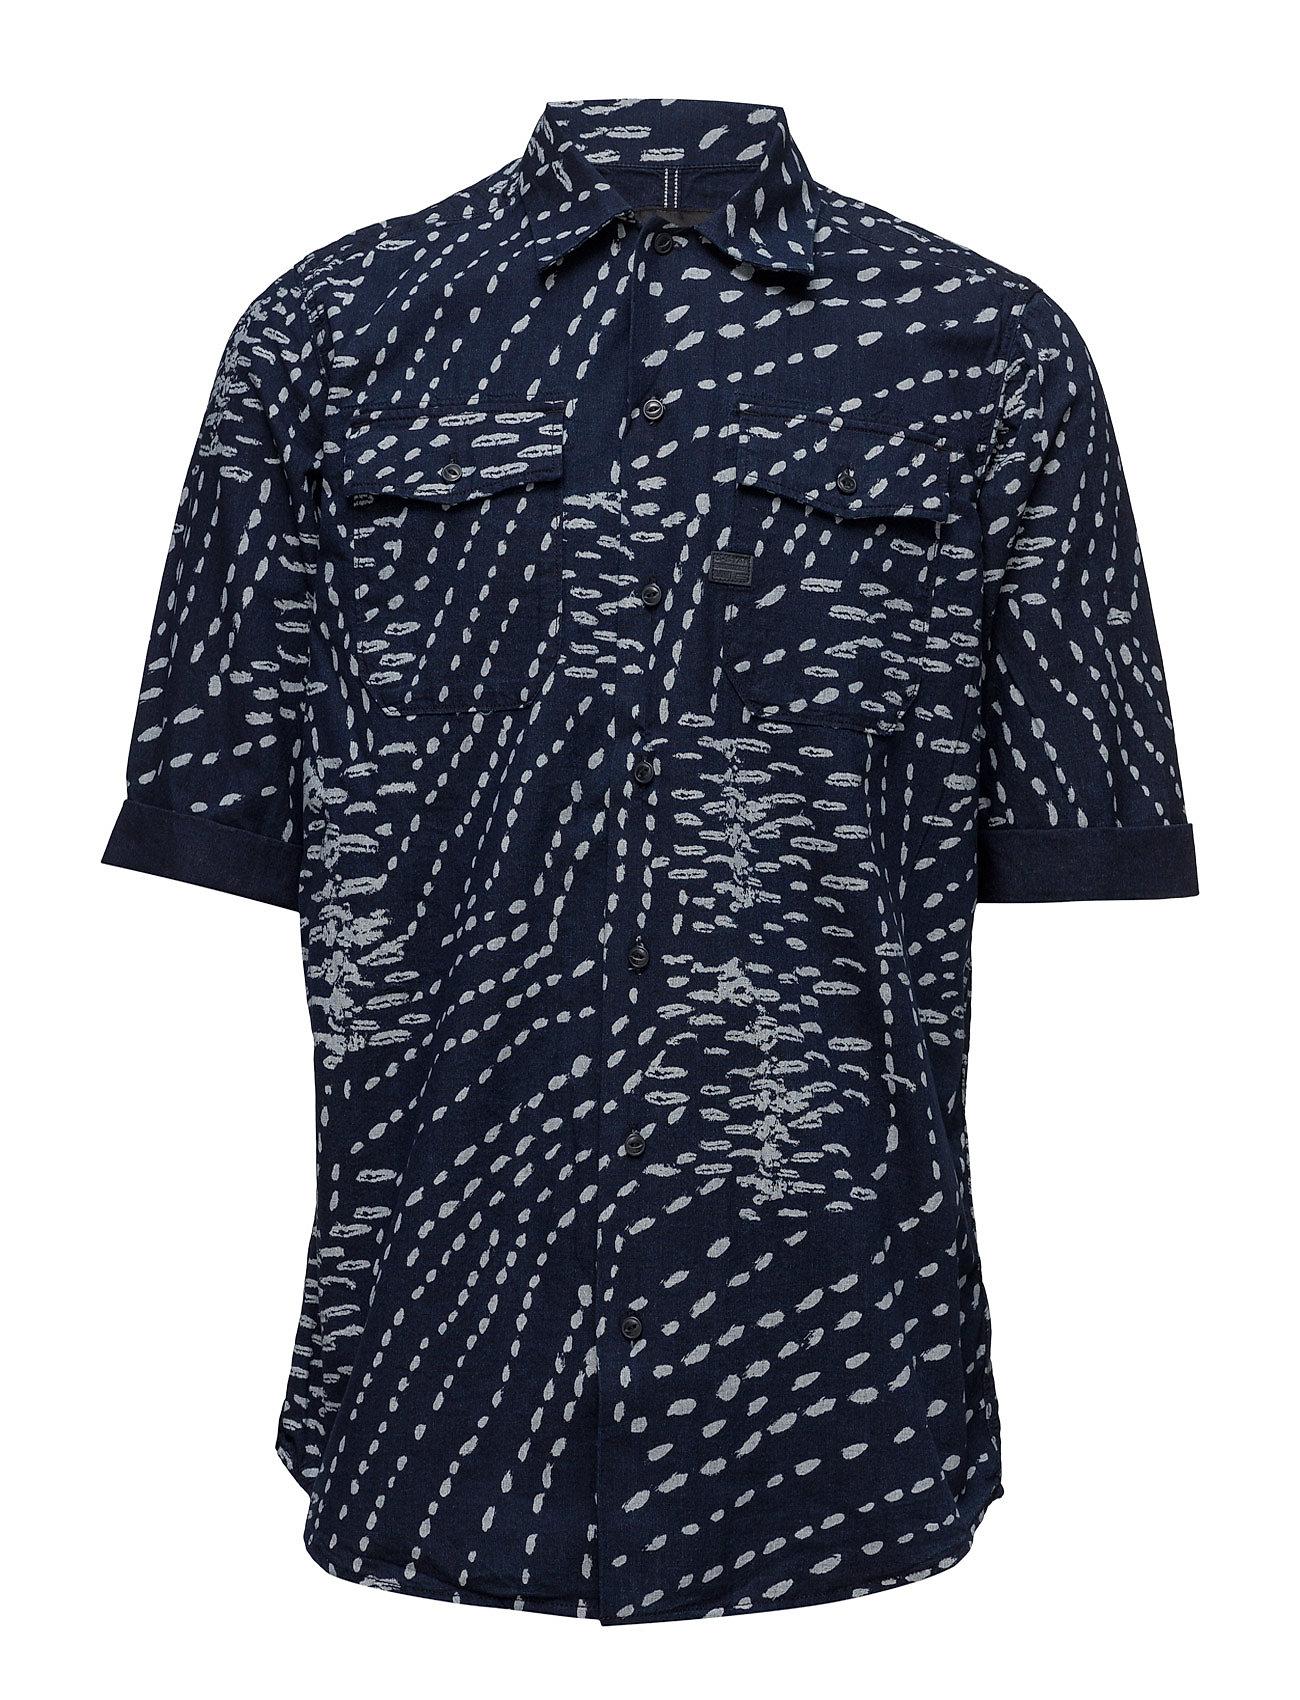 Landoh Straight Service Denim Shirt G-star Kortærmede til Herrer i